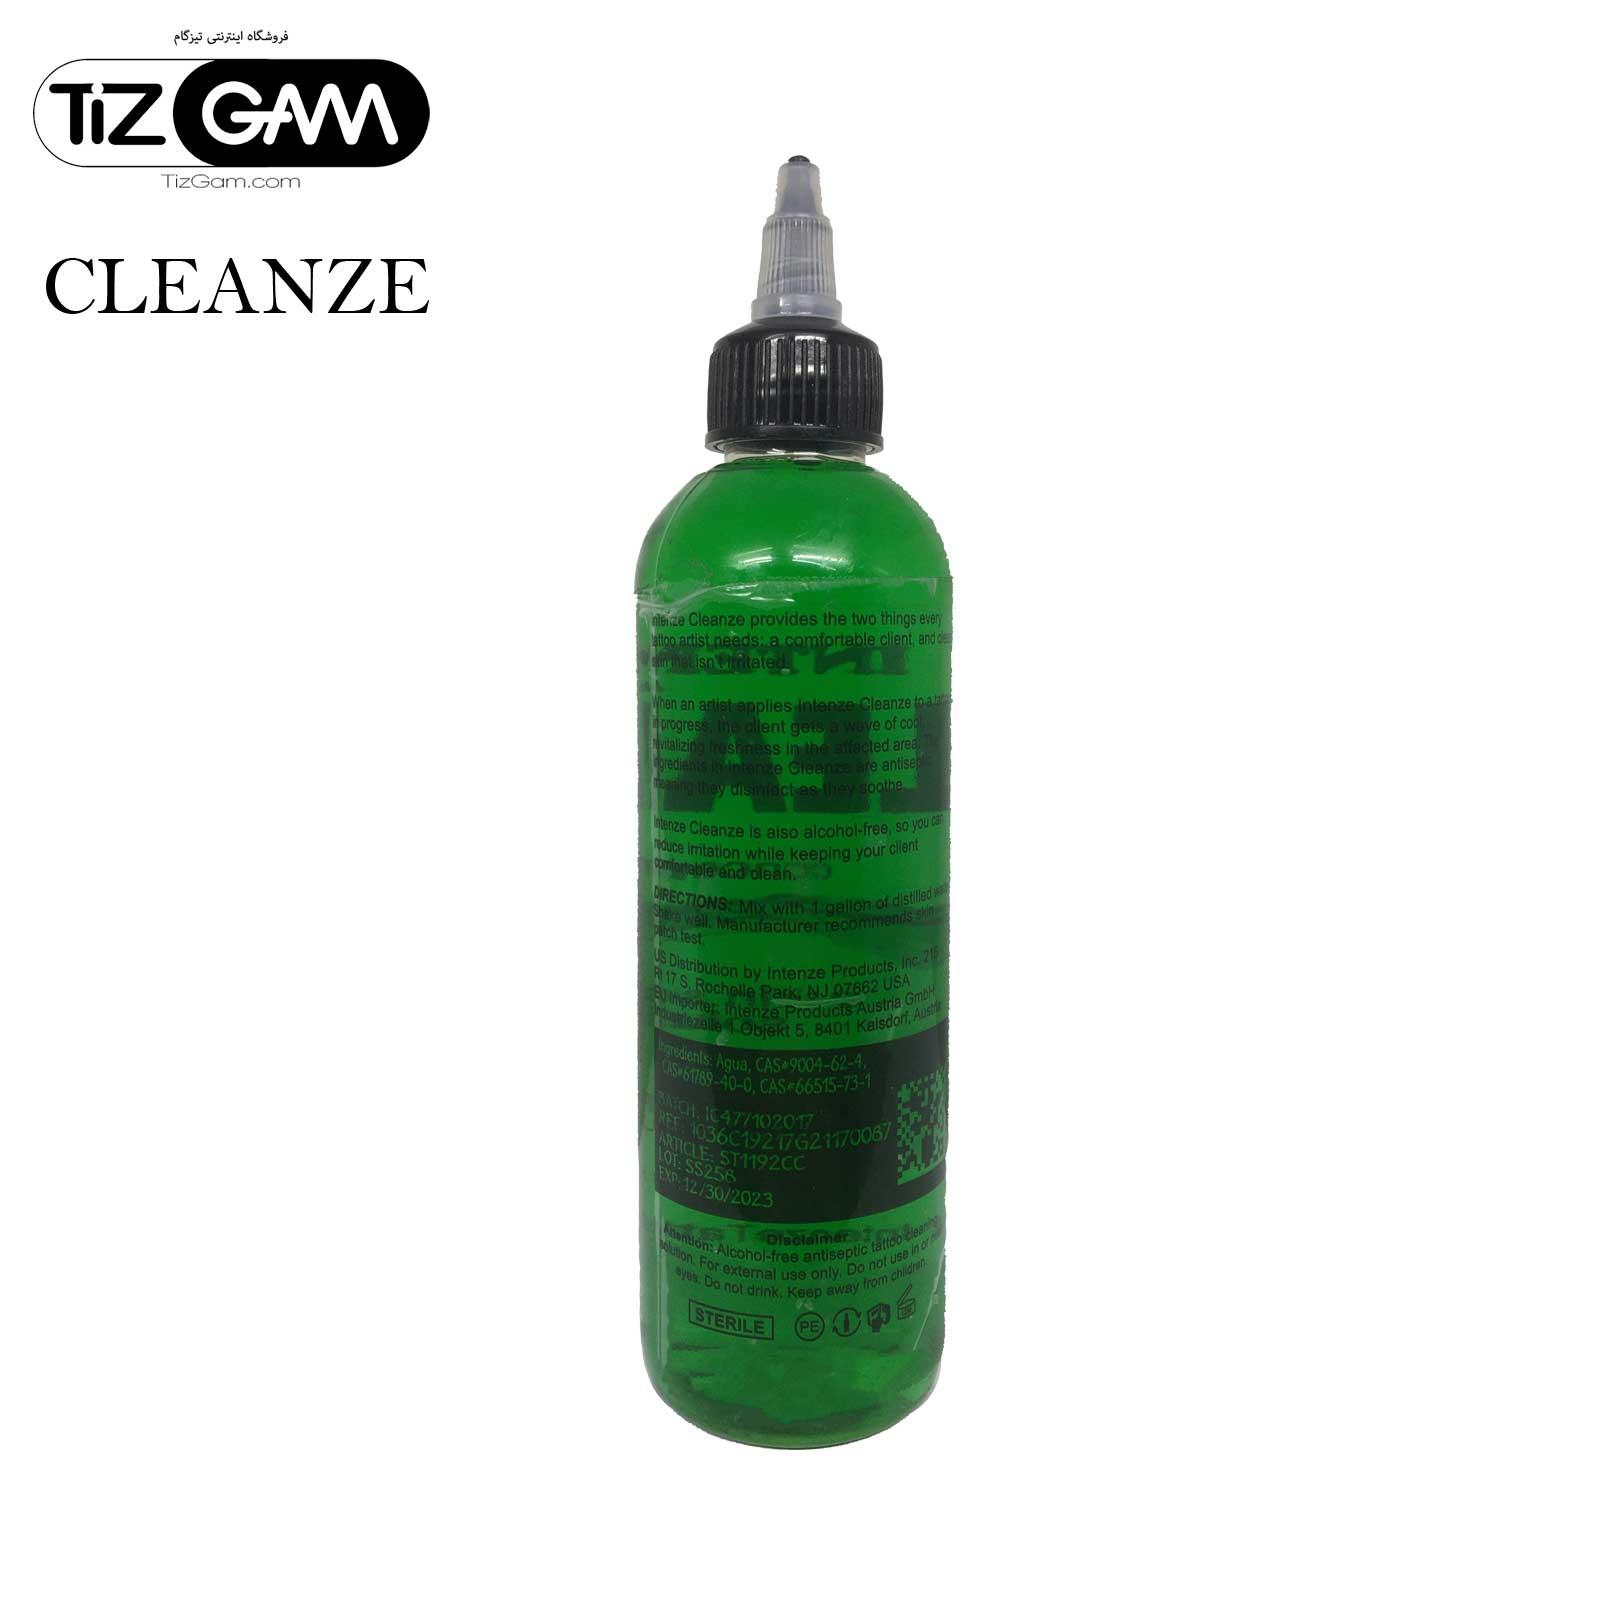 محلول کلینزر تاتو اینتنز پاک کننده شست و شو رنگ تاتو تیزگام ضدعفونی intenze cleanze tatoo tizgam